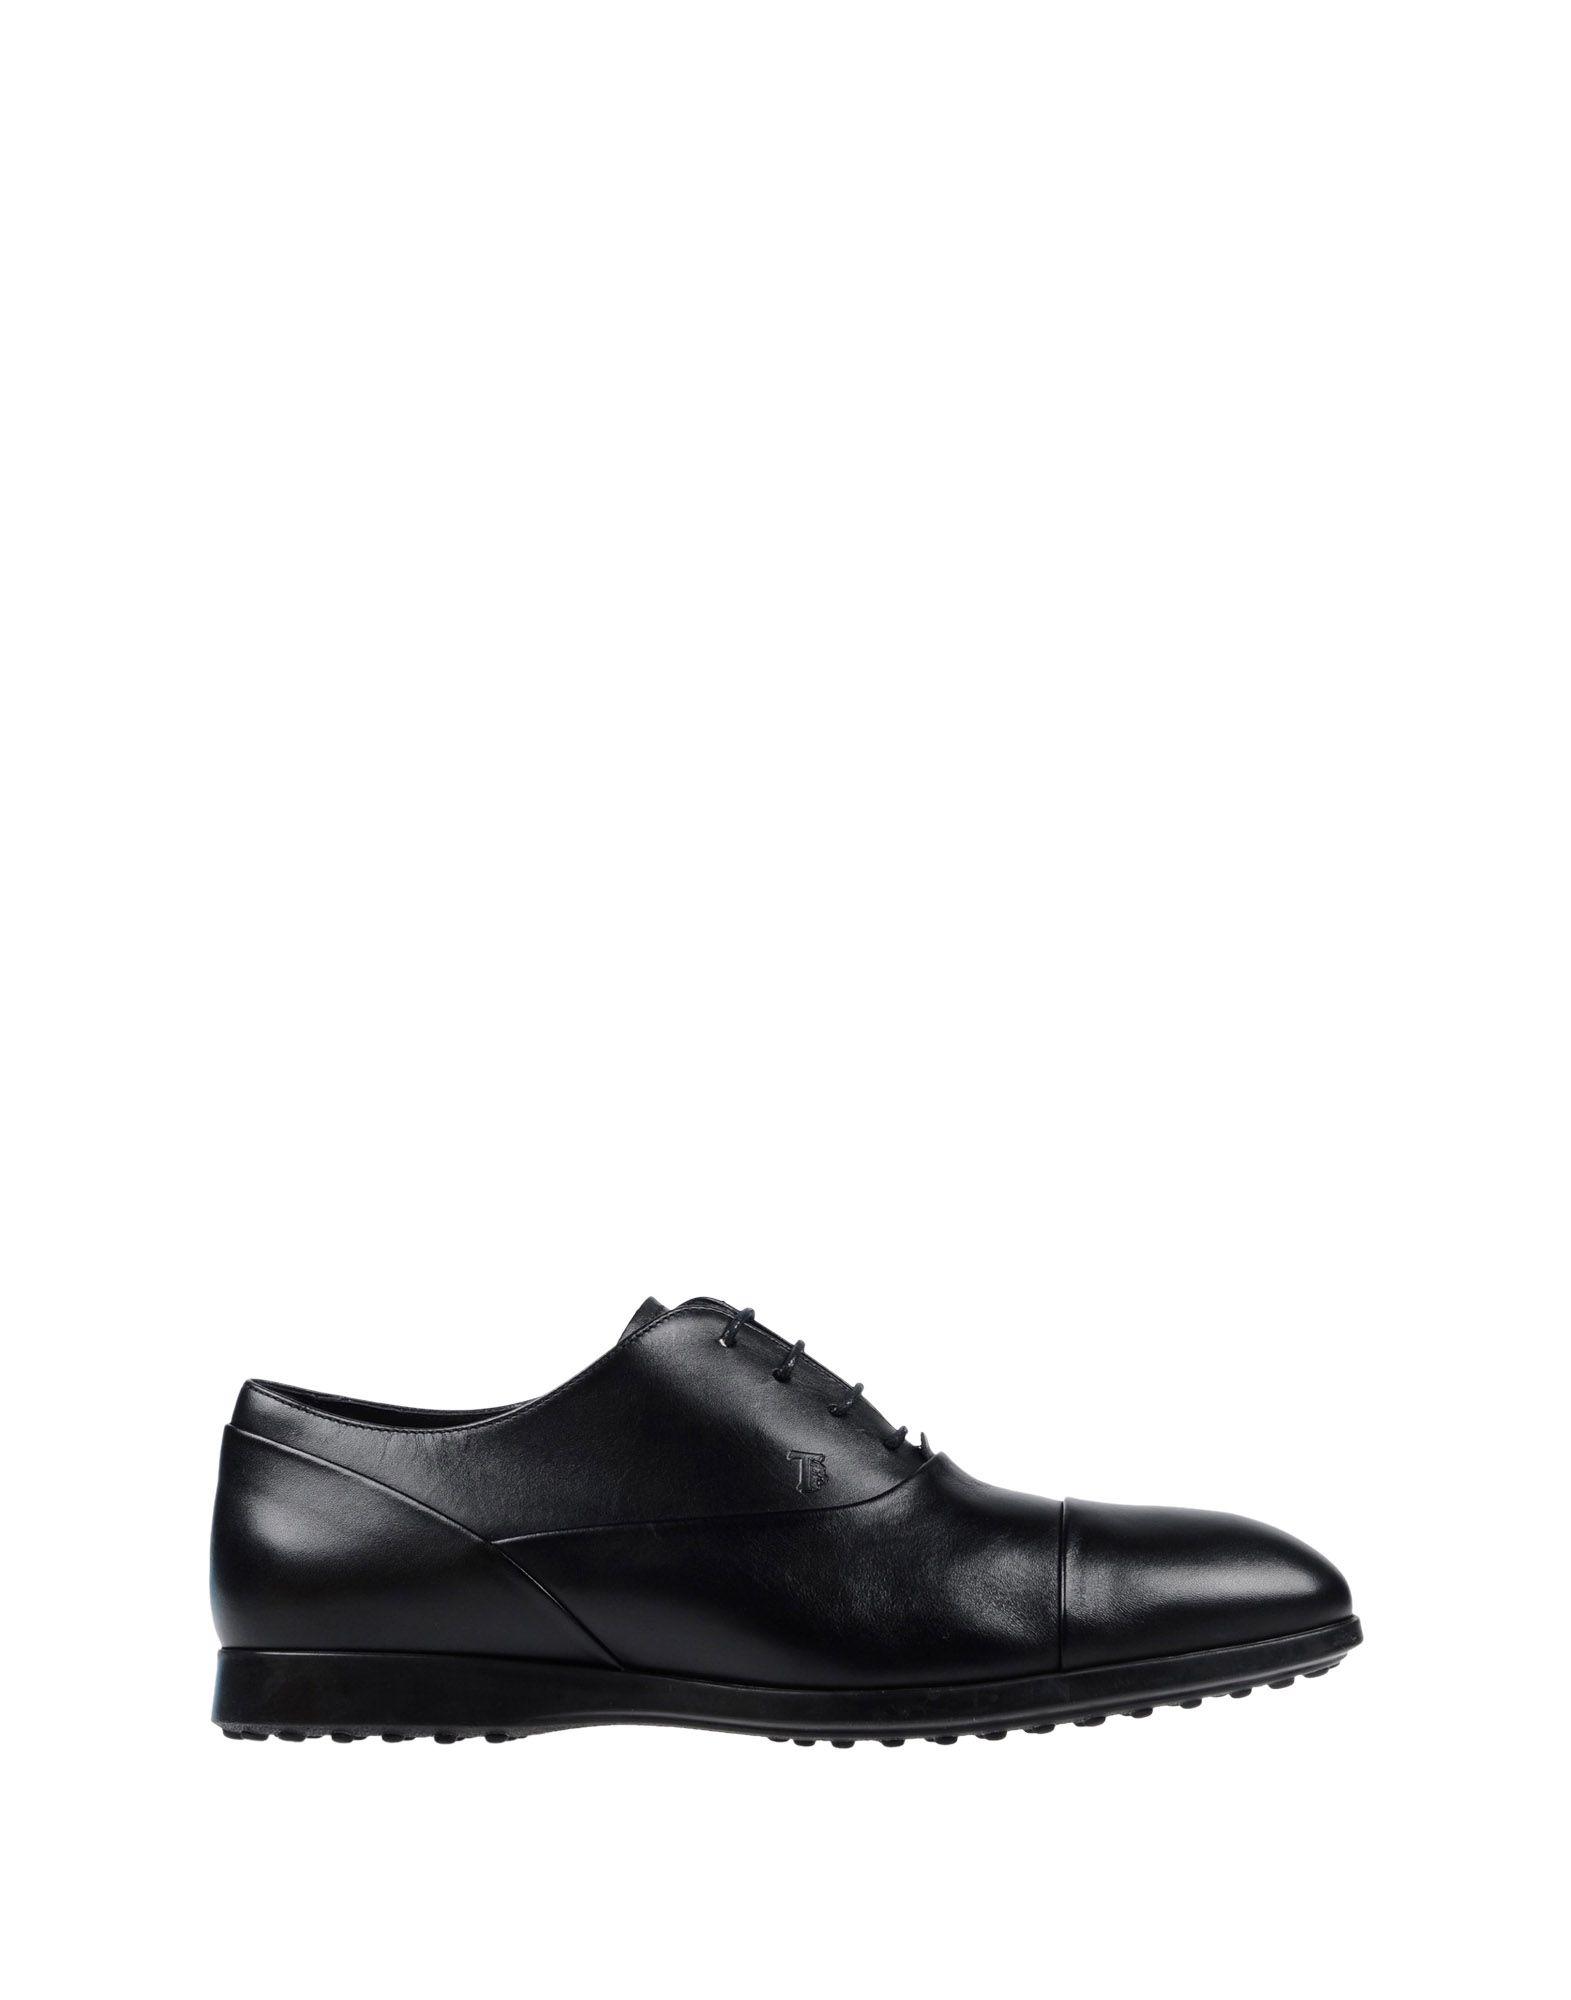 Tod's 11427085SE Schnürschuhe Herren  11427085SE Tod's Gute Qualität beliebte Schuhe 84b853